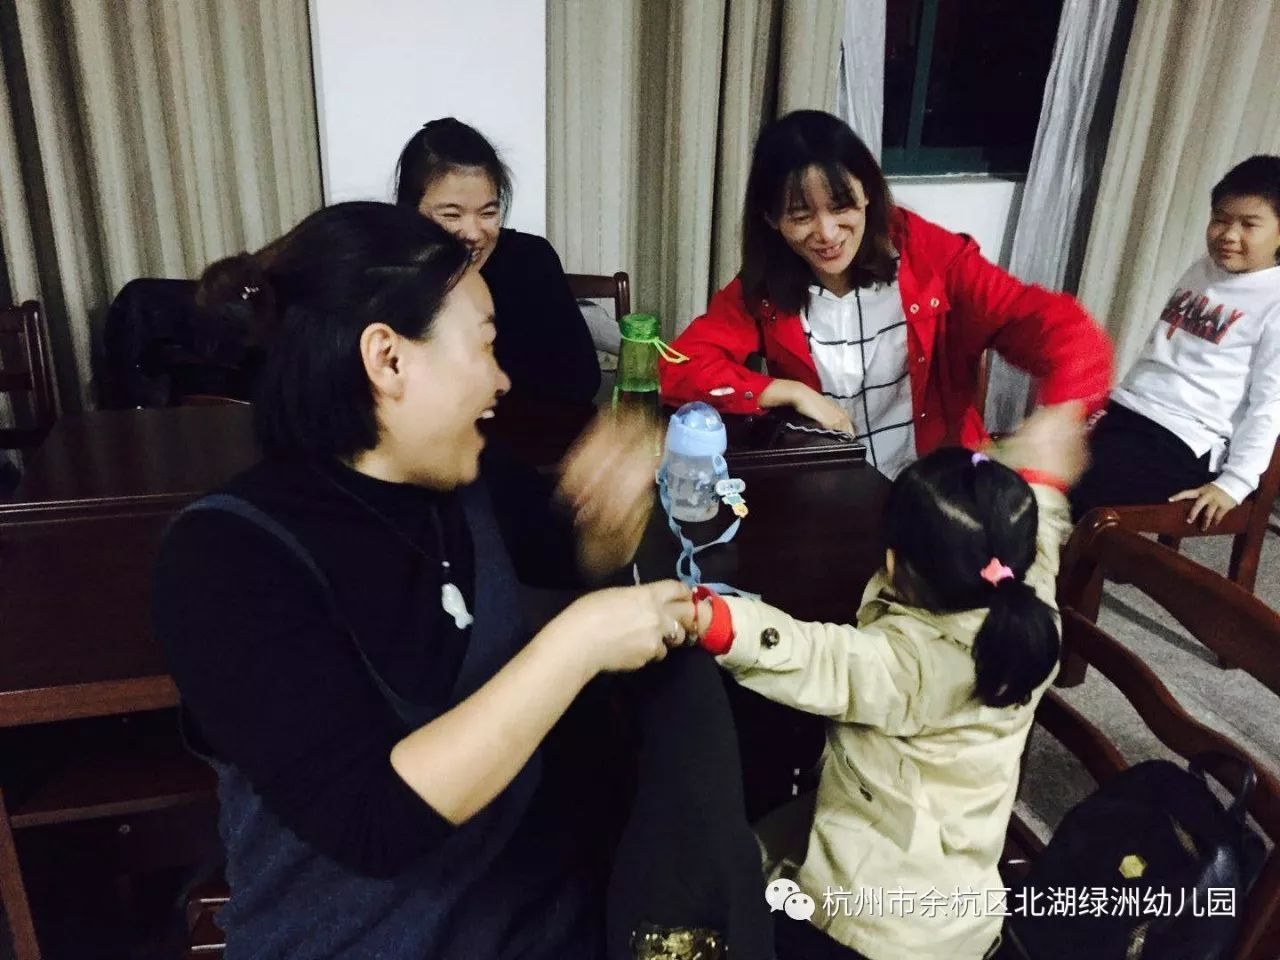 「新时代·中国梦」青春心向党·学习十九大——新华社评论:全面贯彻习近平强军思想